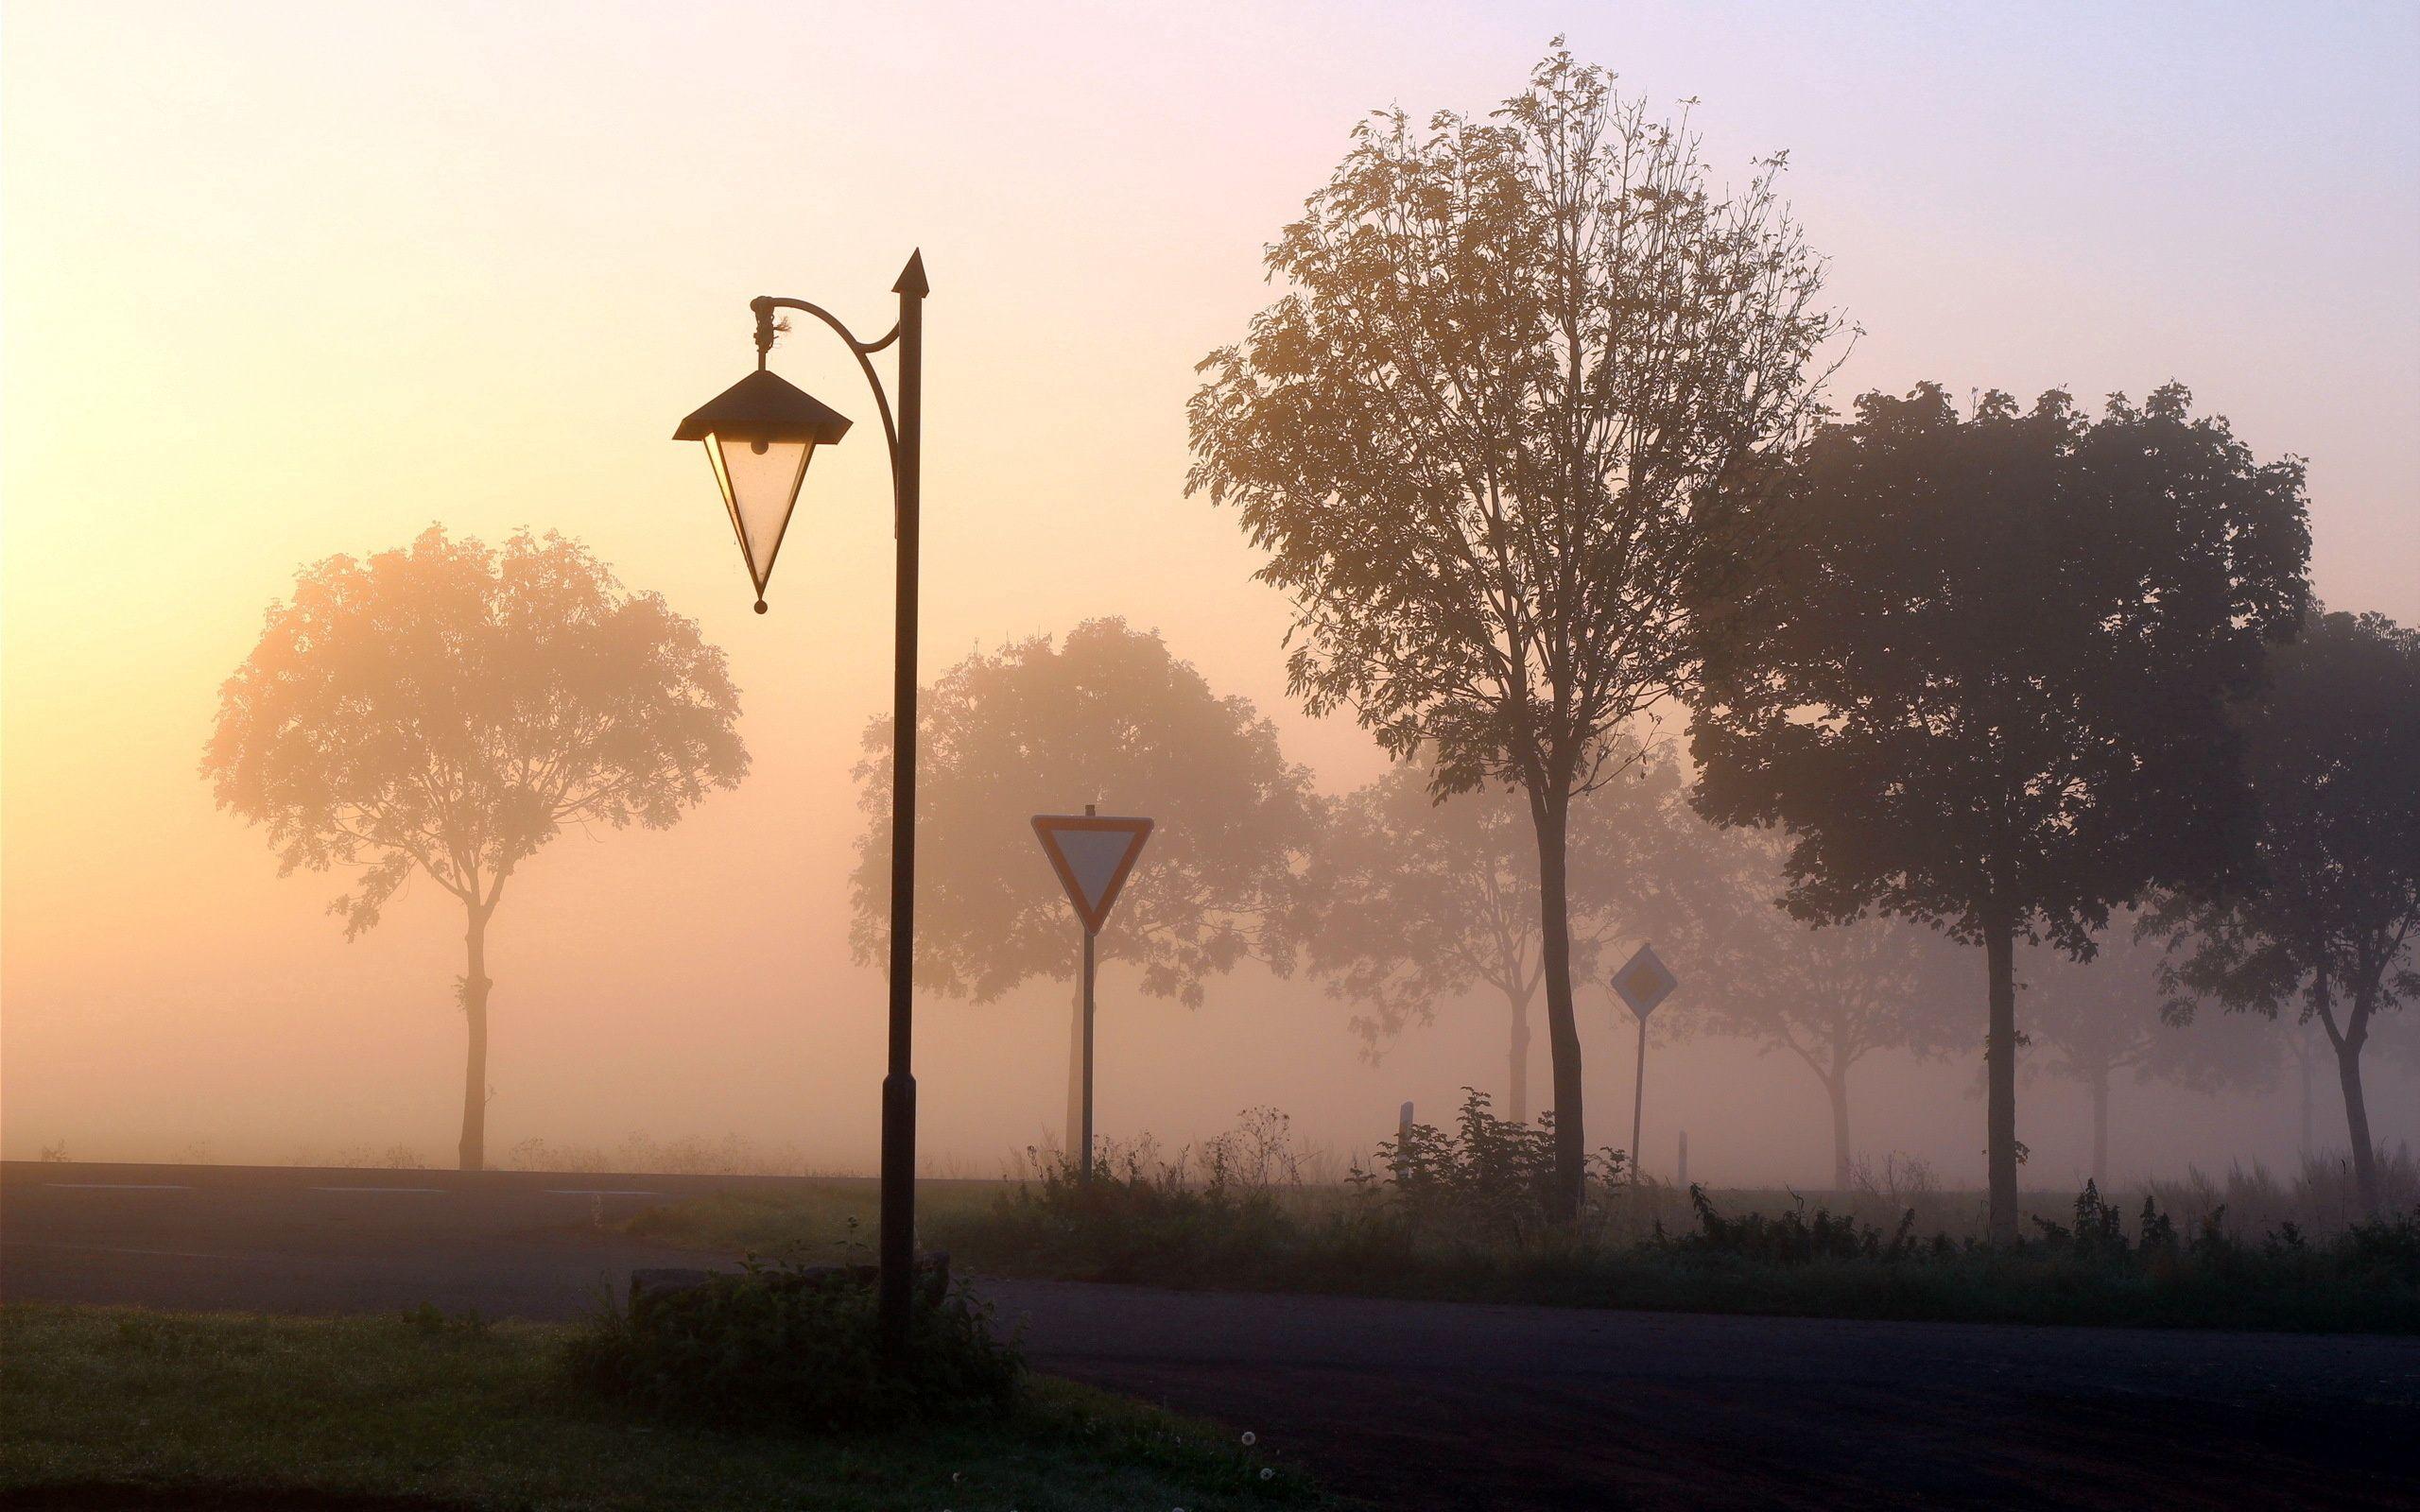 141341 скачать обои Природа, Деревья, Знаки, Туман, Фонарь - заставки и картинки бесплатно